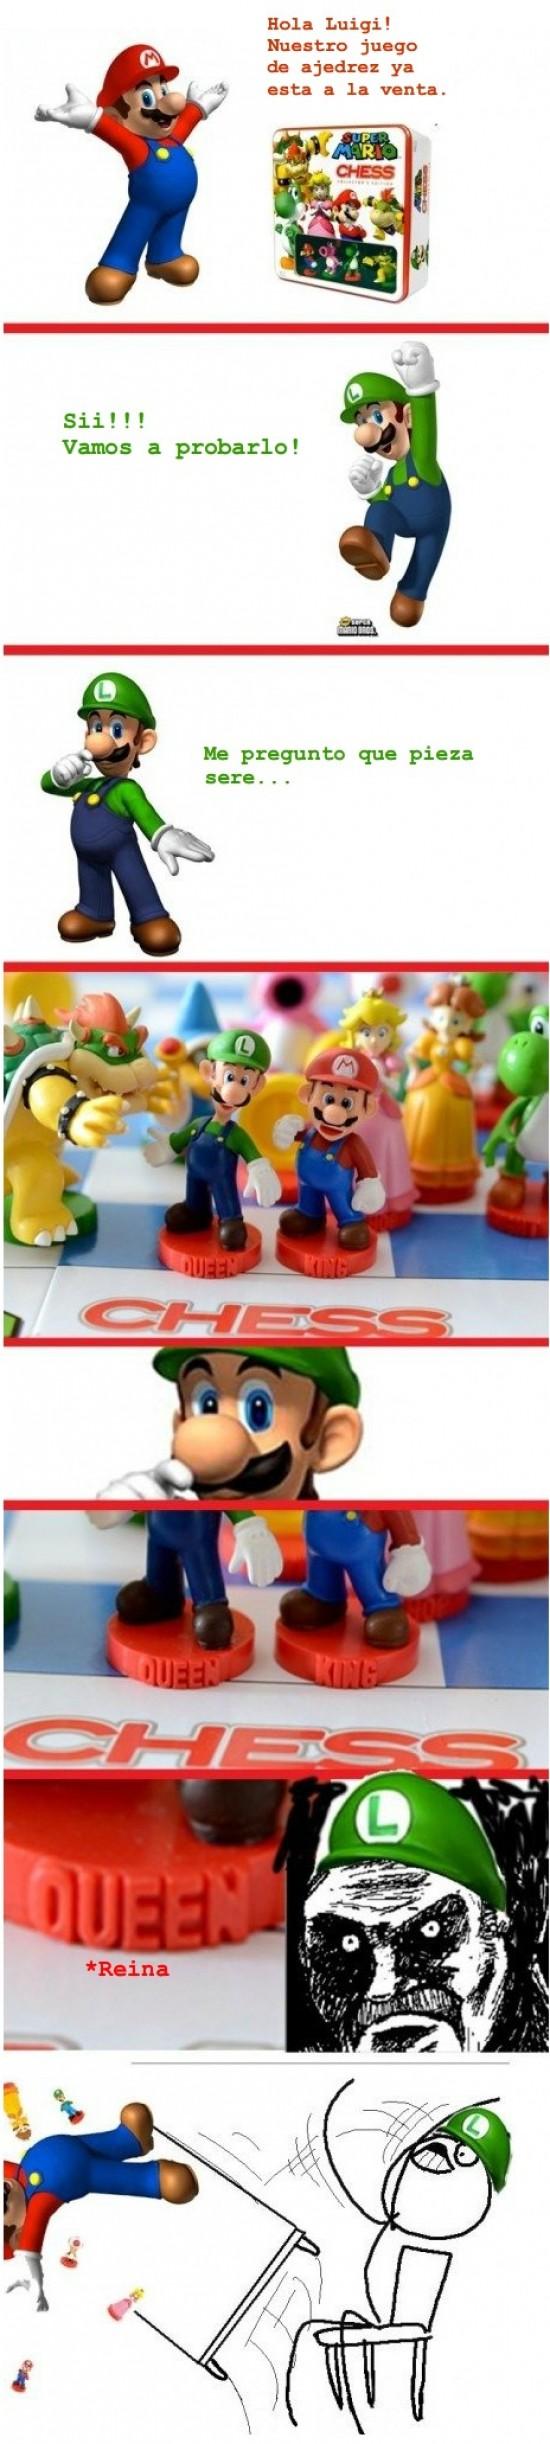 Desk_flip - Luigi, la reina